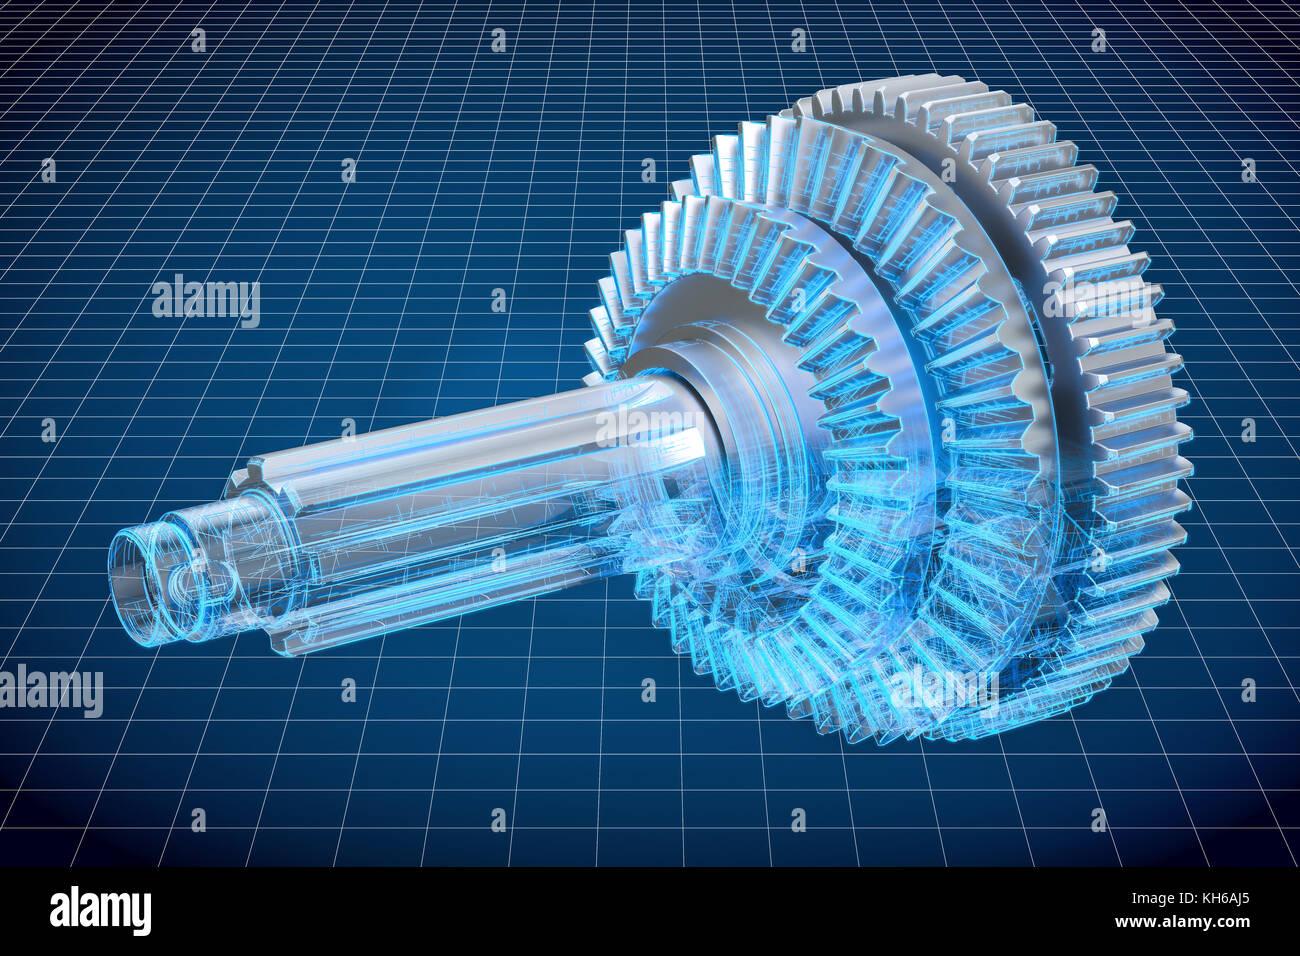 db85d0d644ca Visualización de modelos CAD en 3D